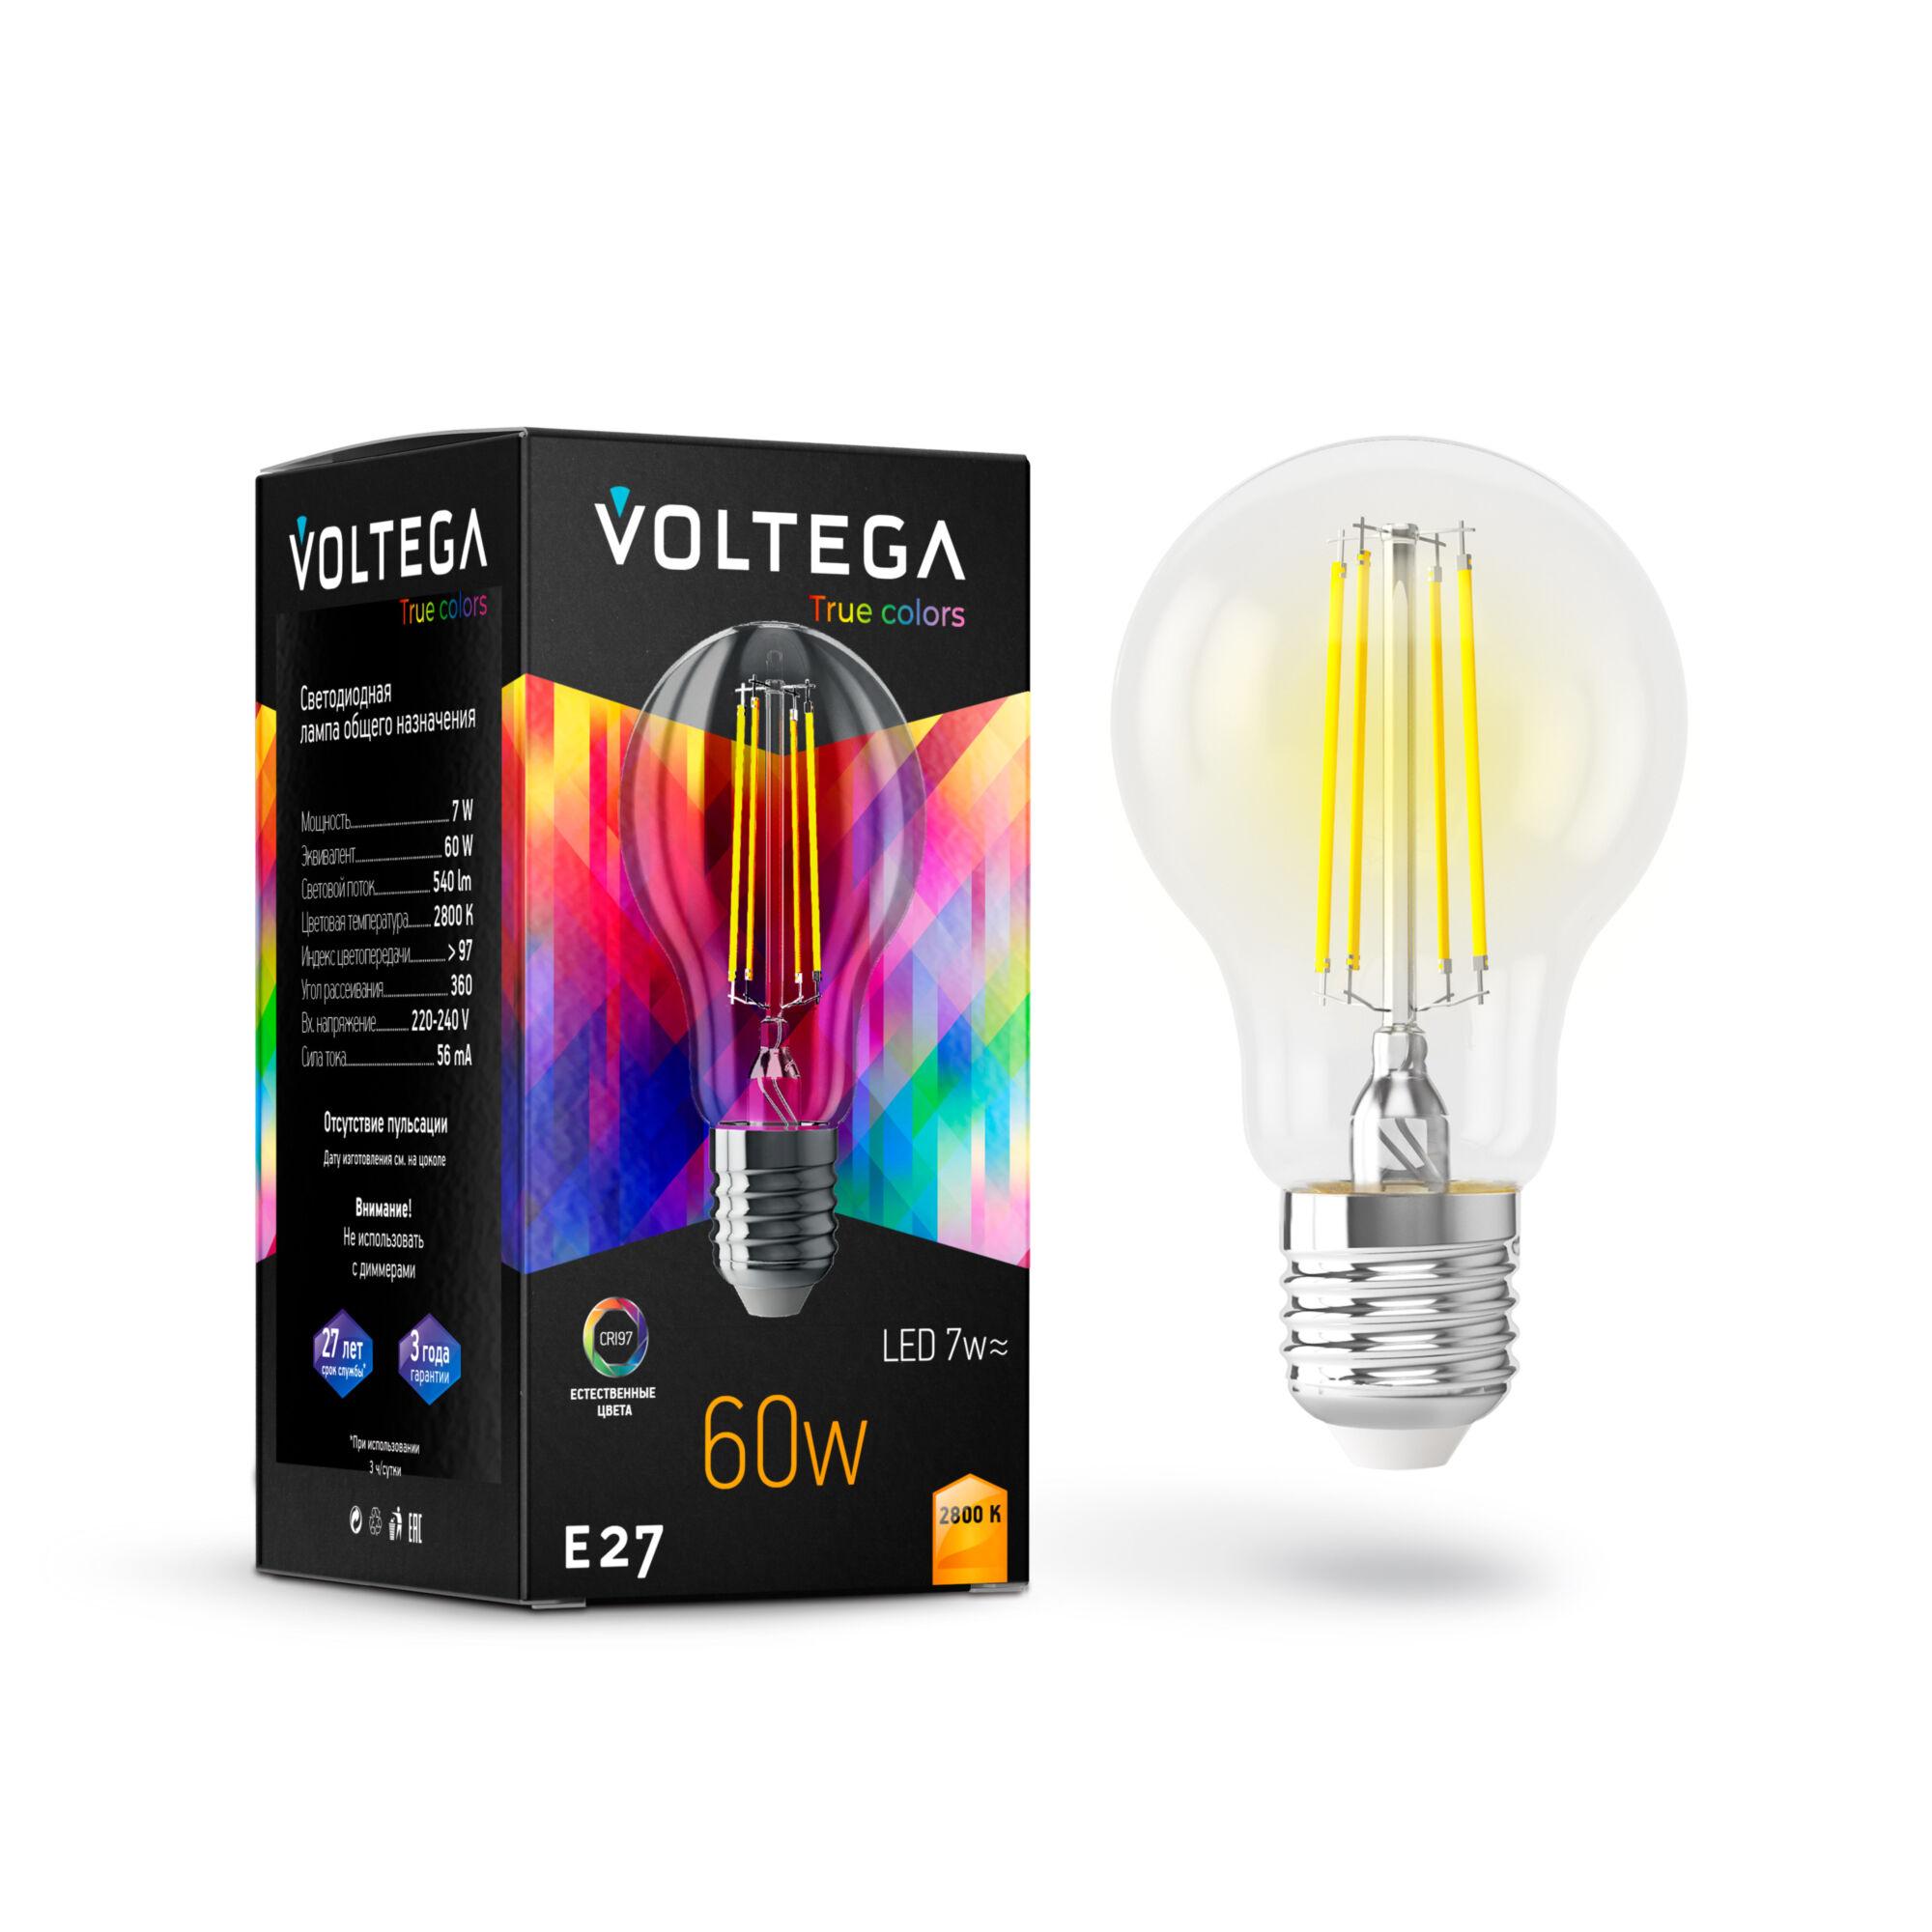 Фото - Лампочка Voltega General purpose bulb CRI97 Е27 7W 2800К лампочка voltega candel matt е27 6w 2800к